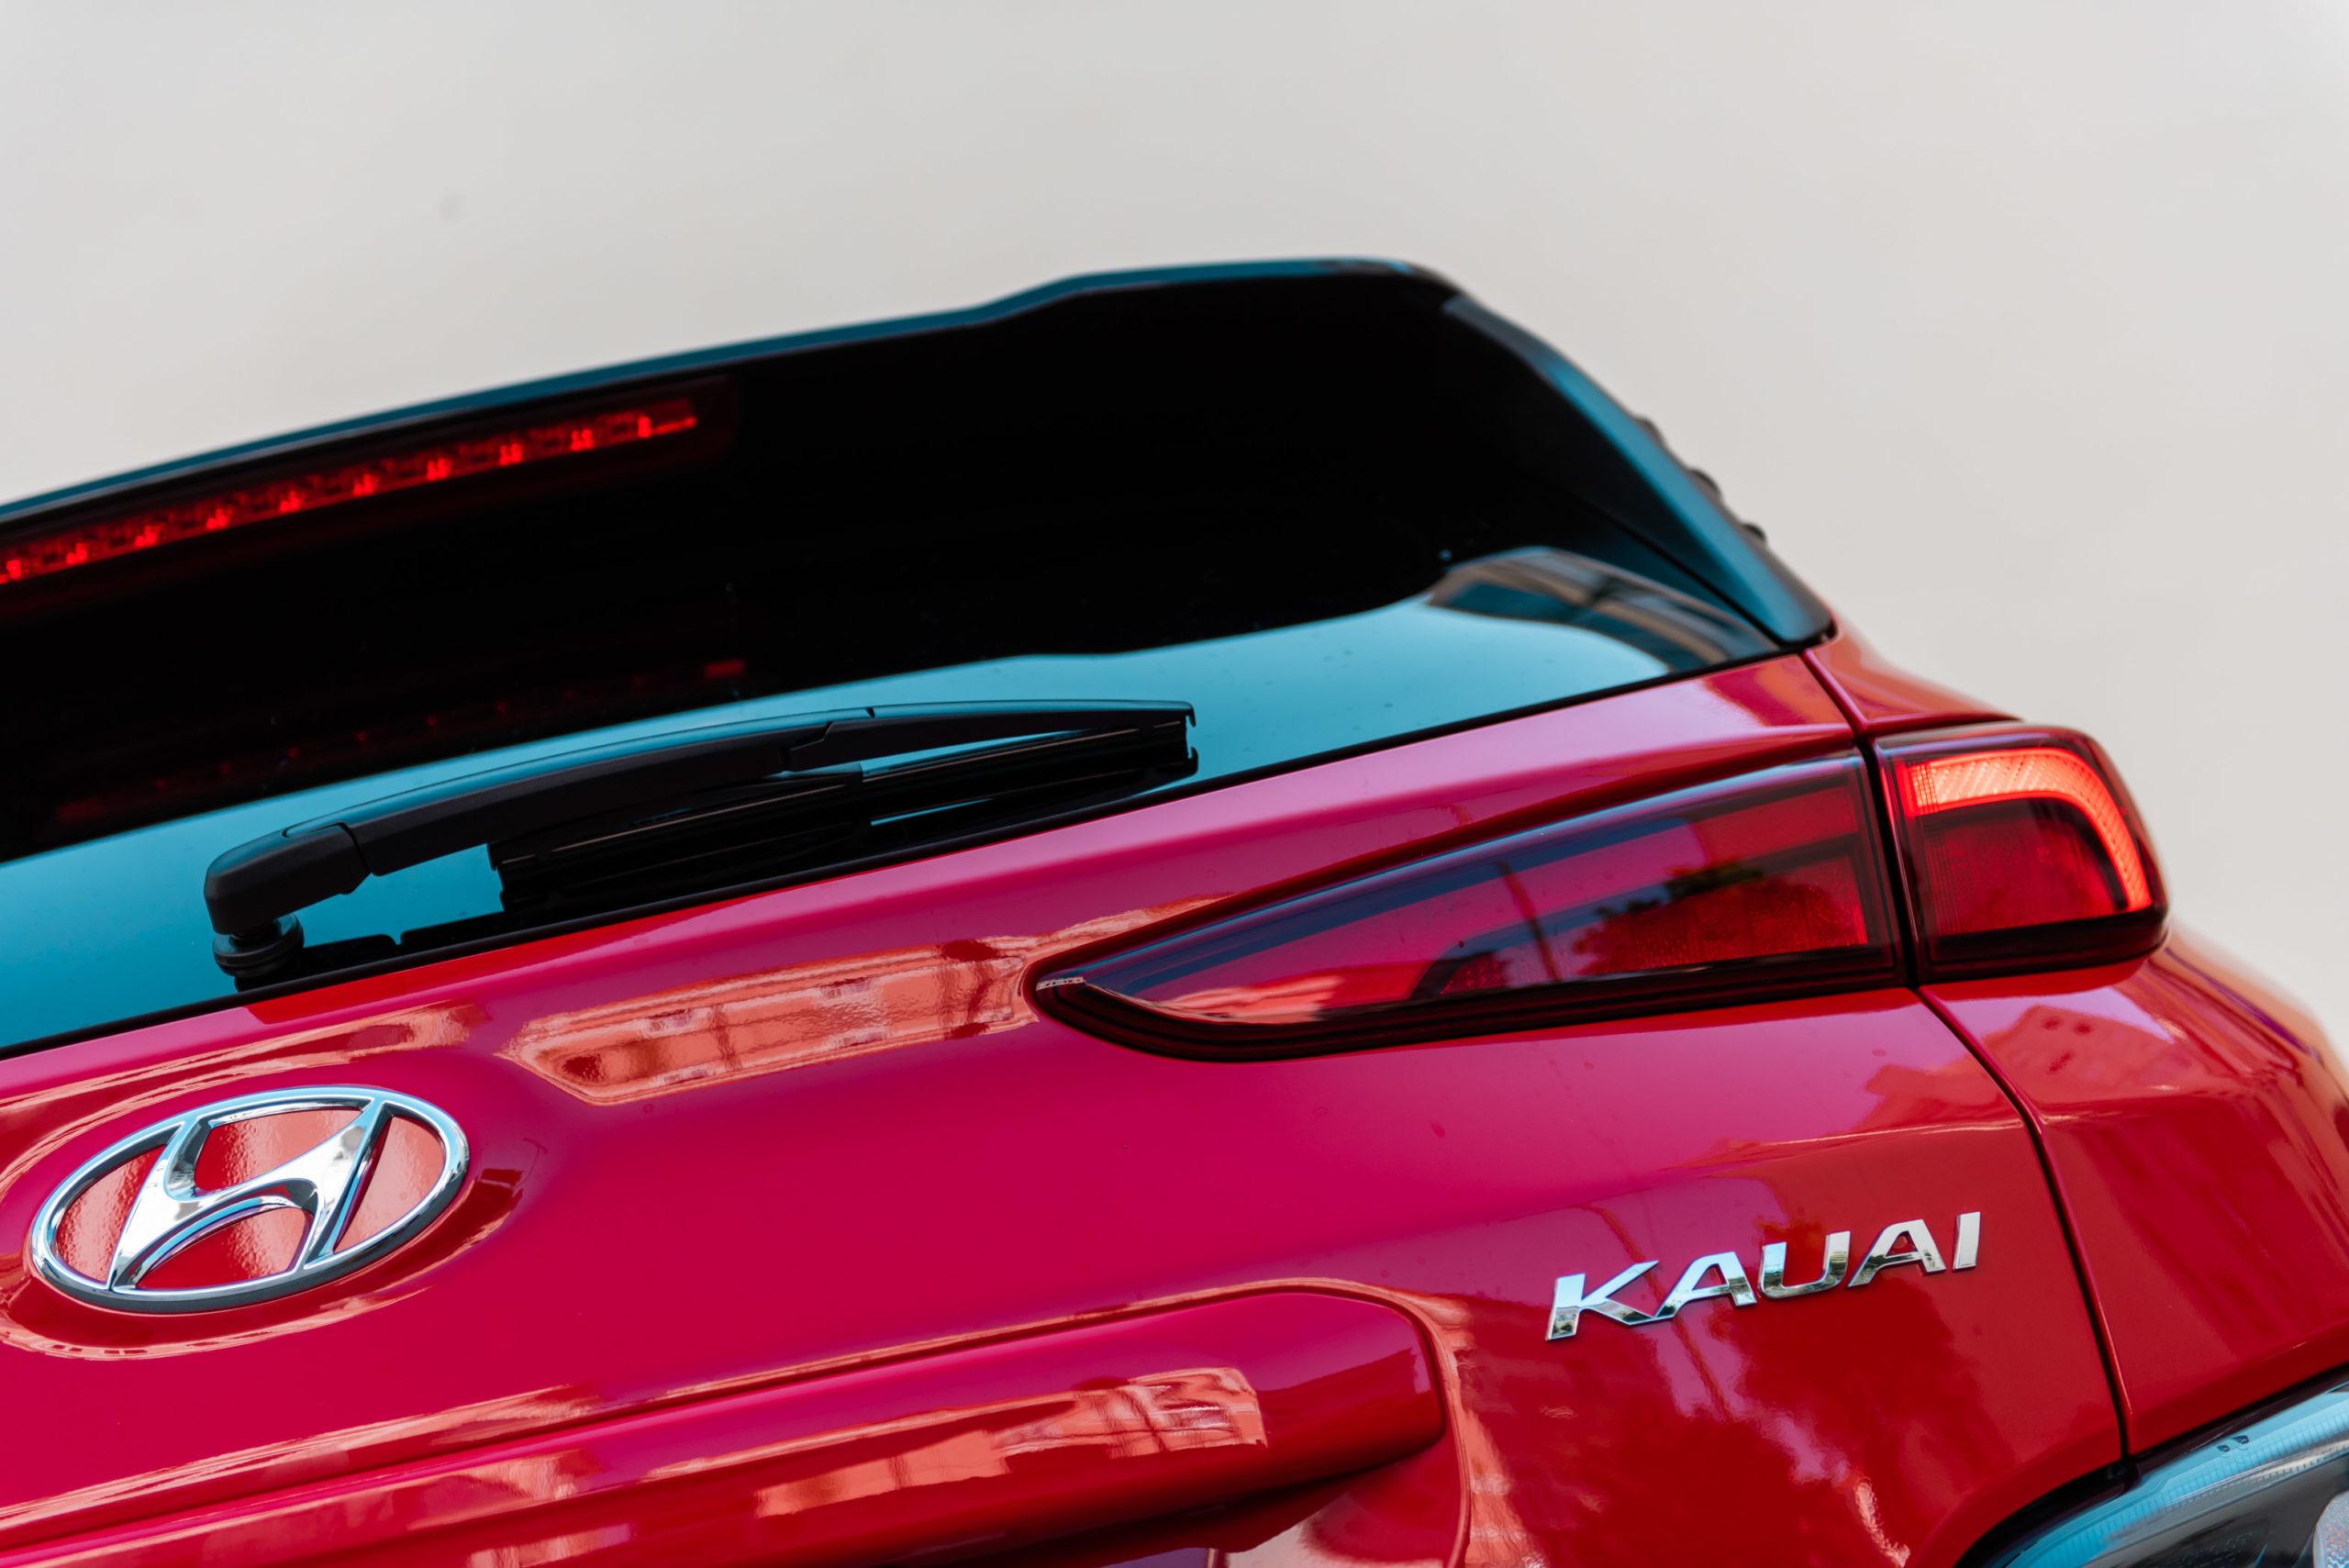 Hyundai Kauai N Line 3